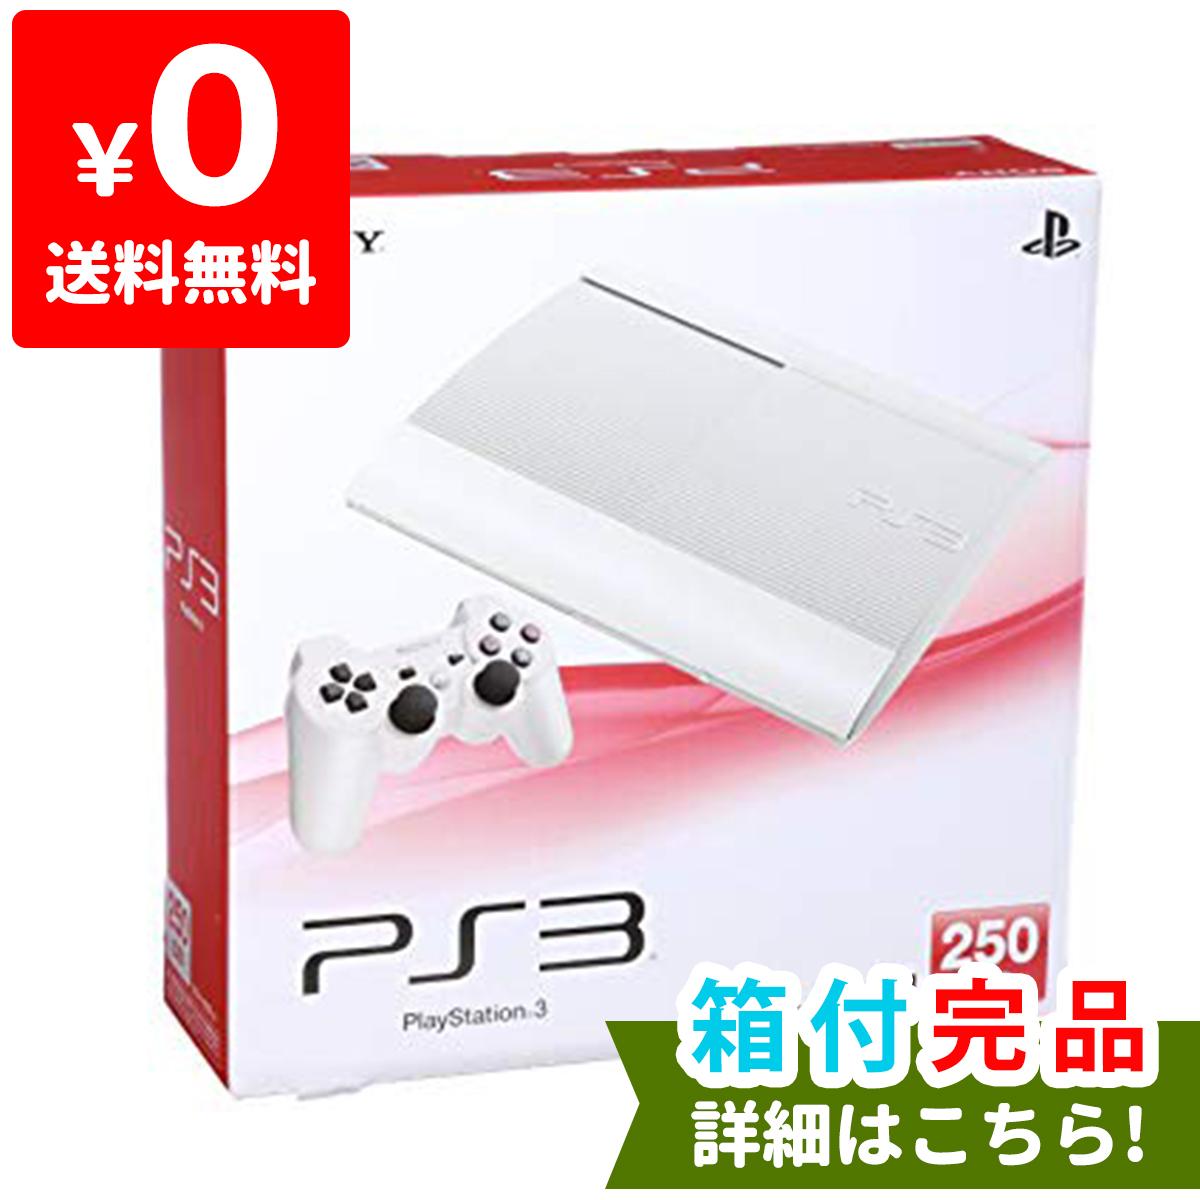 PS3 プレステ3 PlayStation 3 クラシック・ホワイト 250GB (CECH-4200BLW) SONY ゲーム機 中古 すぐ遊べるセット 完品 4948872413565 送料無料 【中古】